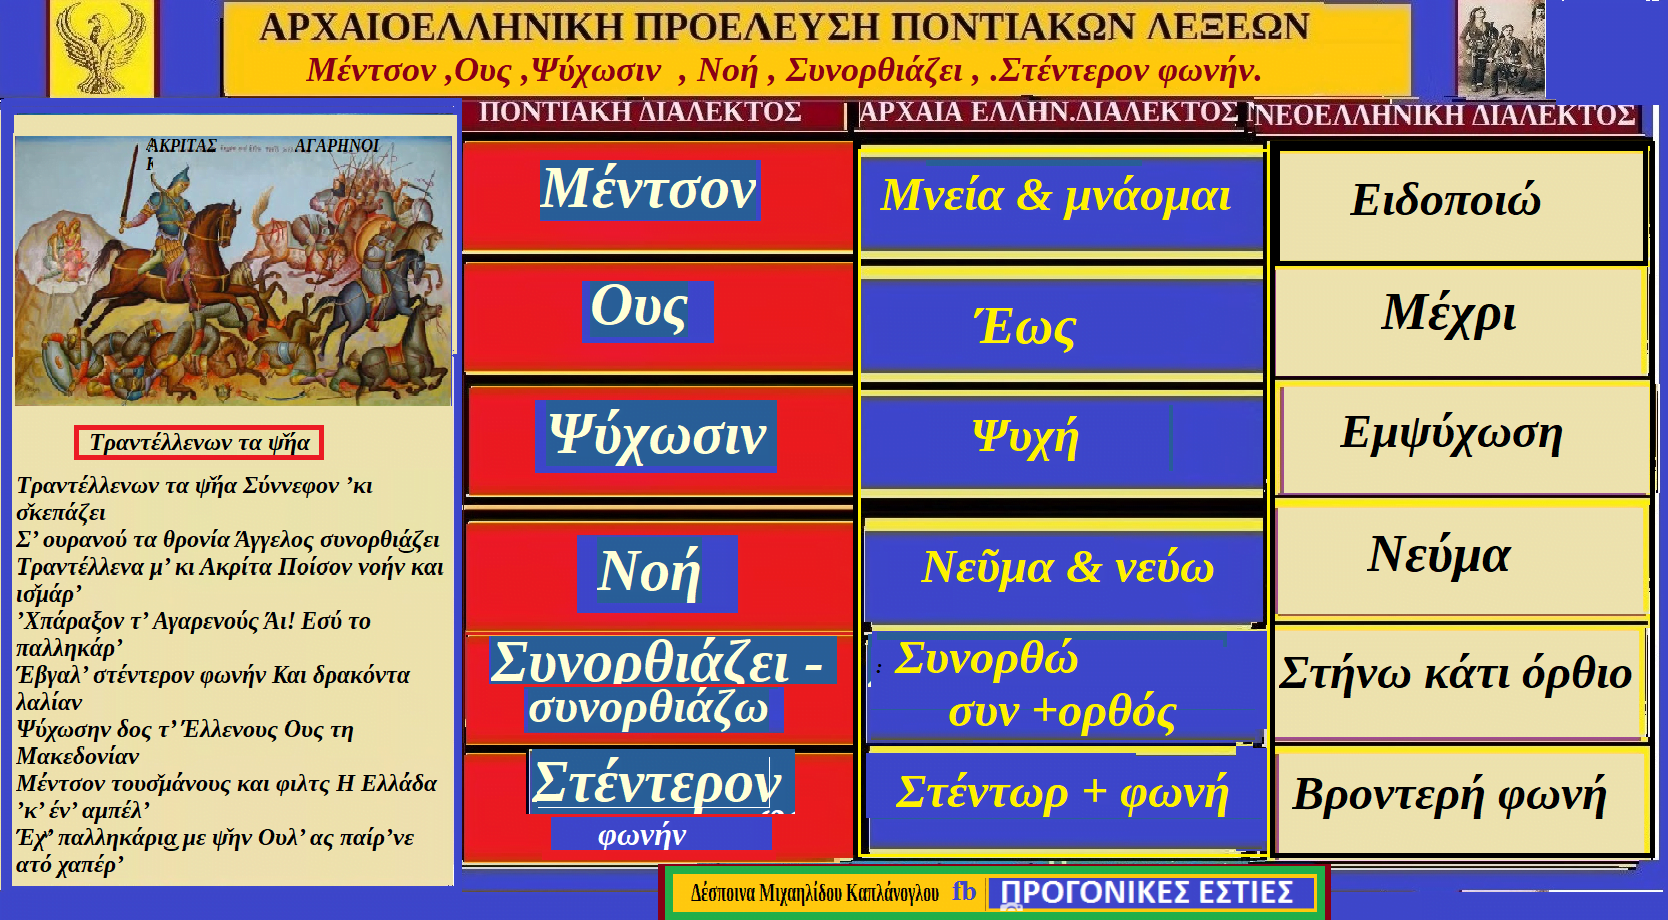 Λέξεις και φράσεις της ποντιακής διαλέκτου με ρίζες από την Αρχαιοελληνική διάλεκτο. Μέντσον, Ους, Ψύχωσιν, Νοή, Συνορθιάζει, Στέντερον φωνήν. (Δέσποινα Μιχαηλίδου-Καπλανογλου.)